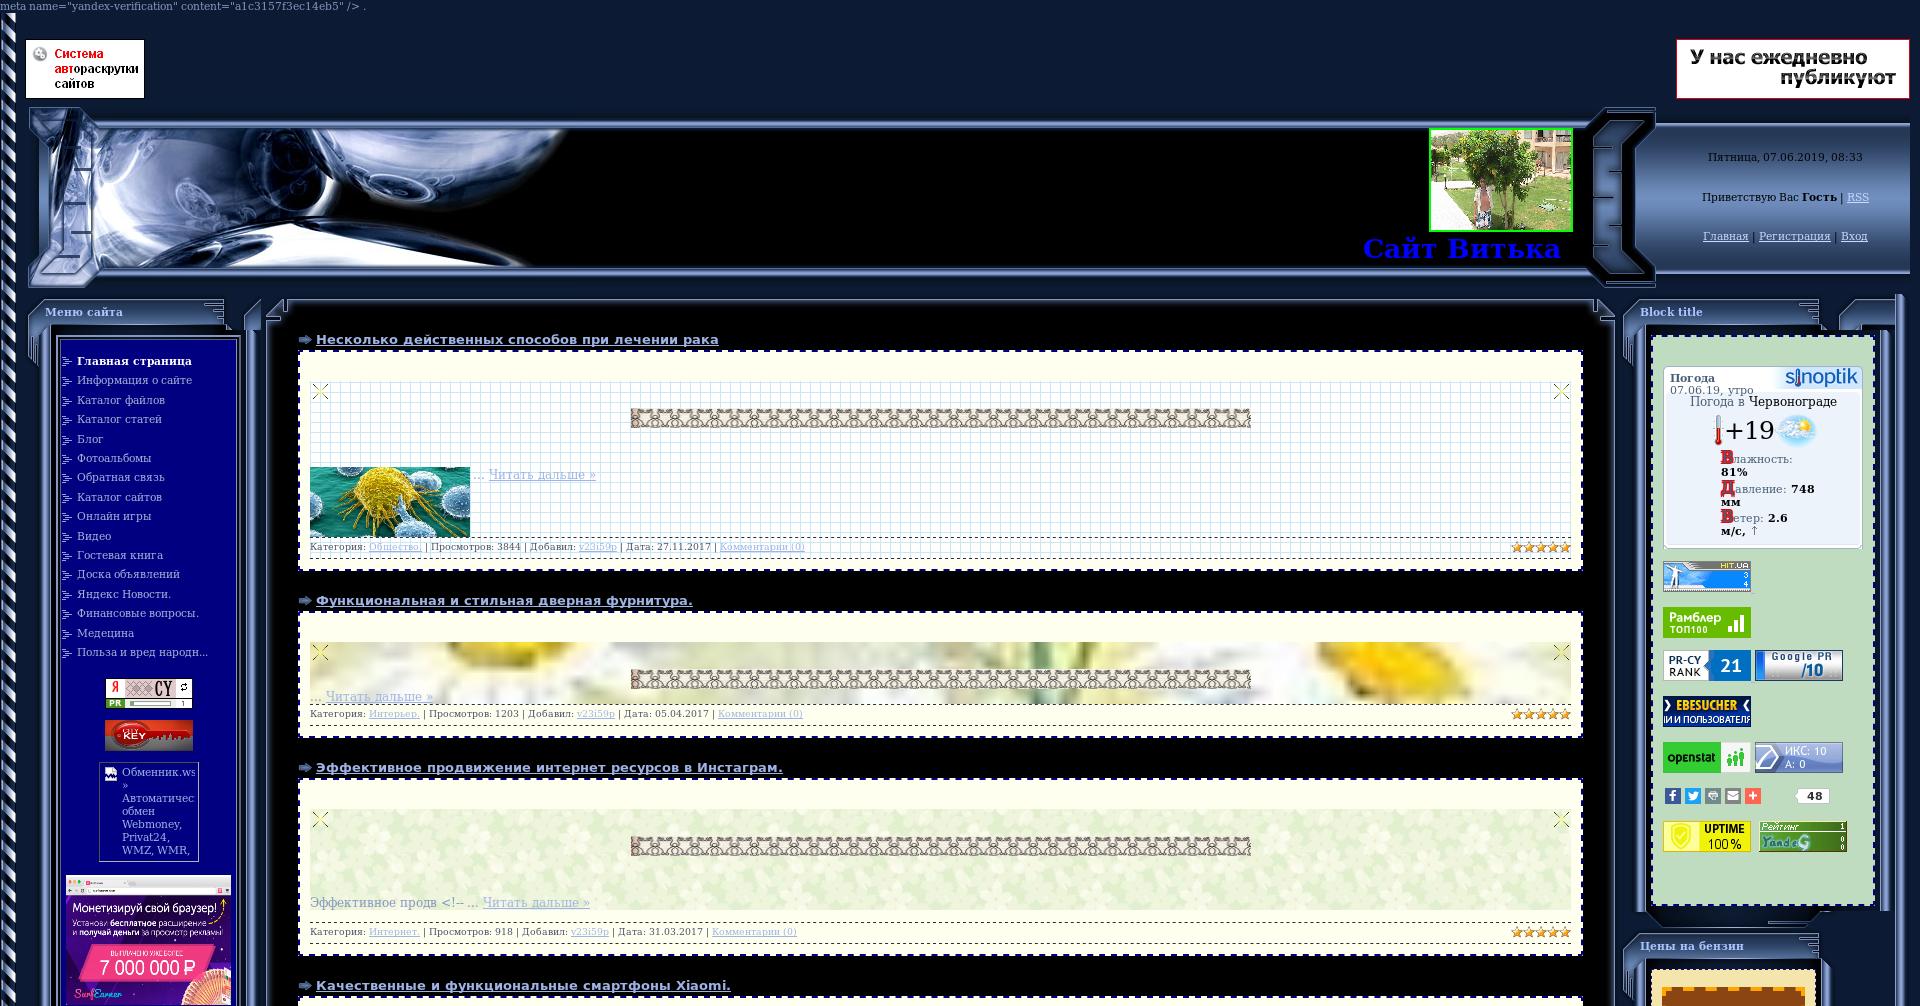 Phishcheck 2 0 beta - Details - http://podolskiy at ua/